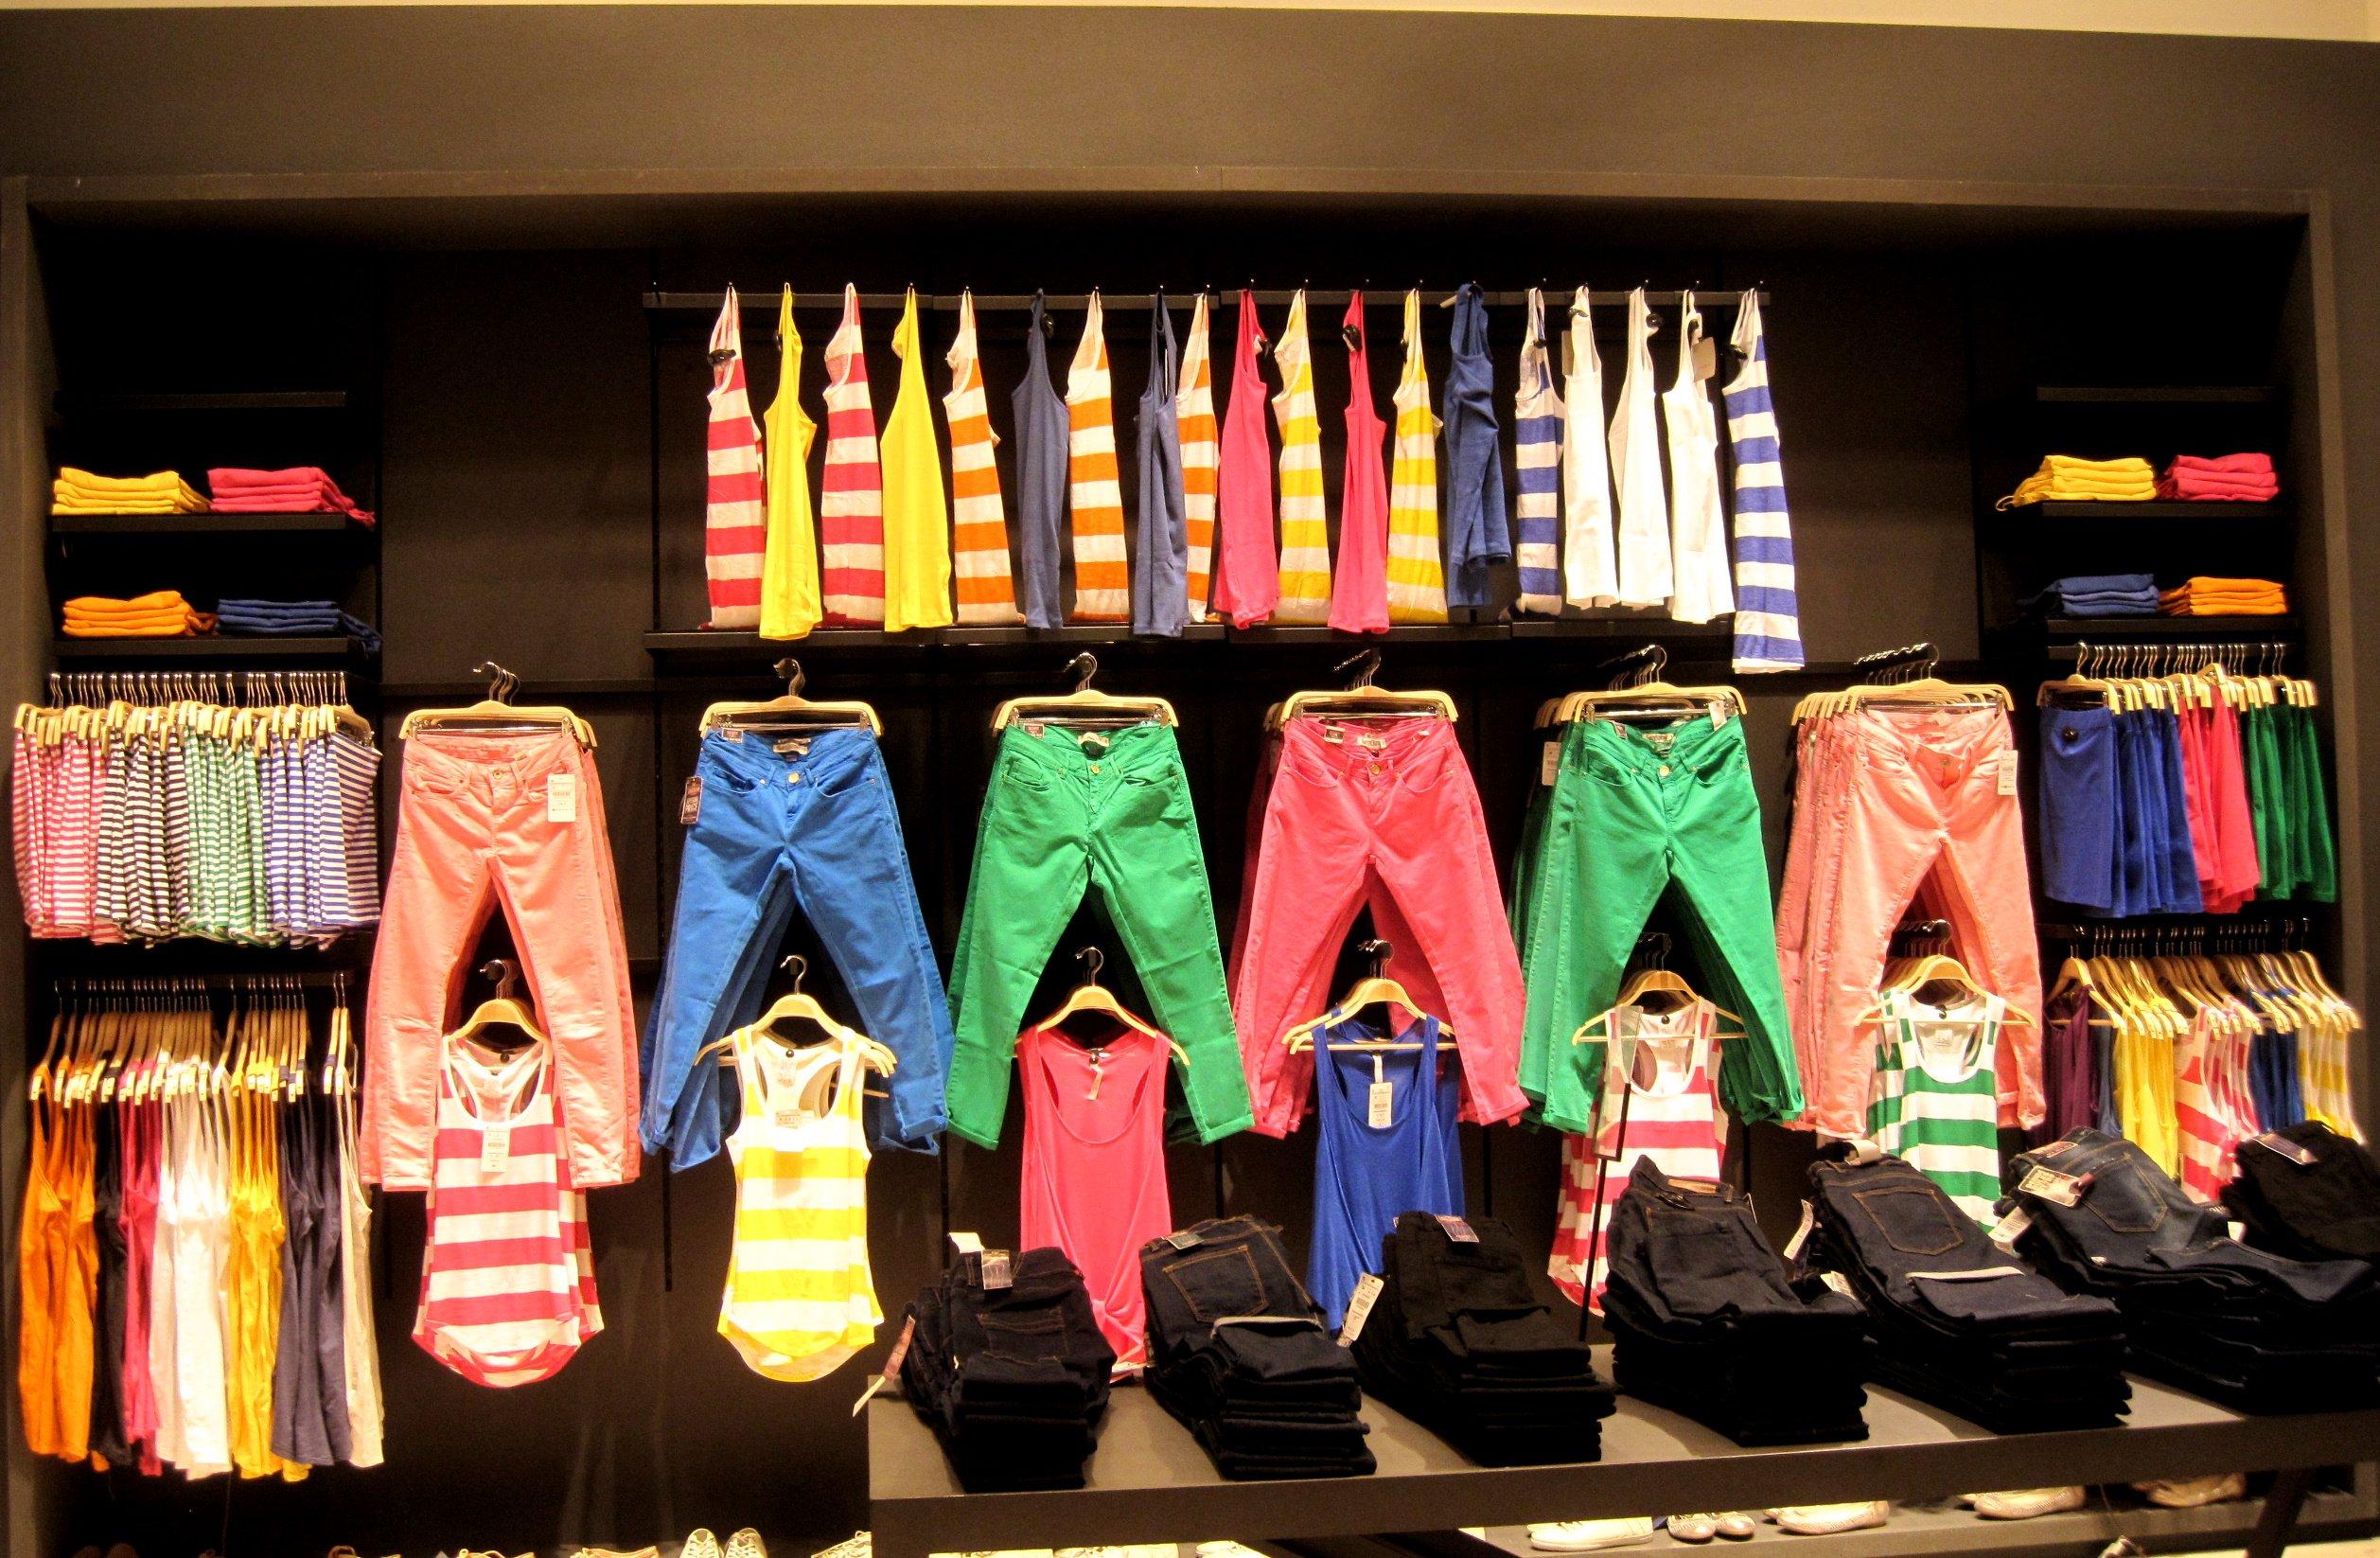 bde5283f2 Мерчендайзинг (мерчандайзинг) одежды : 5 шагов для грамотной ...